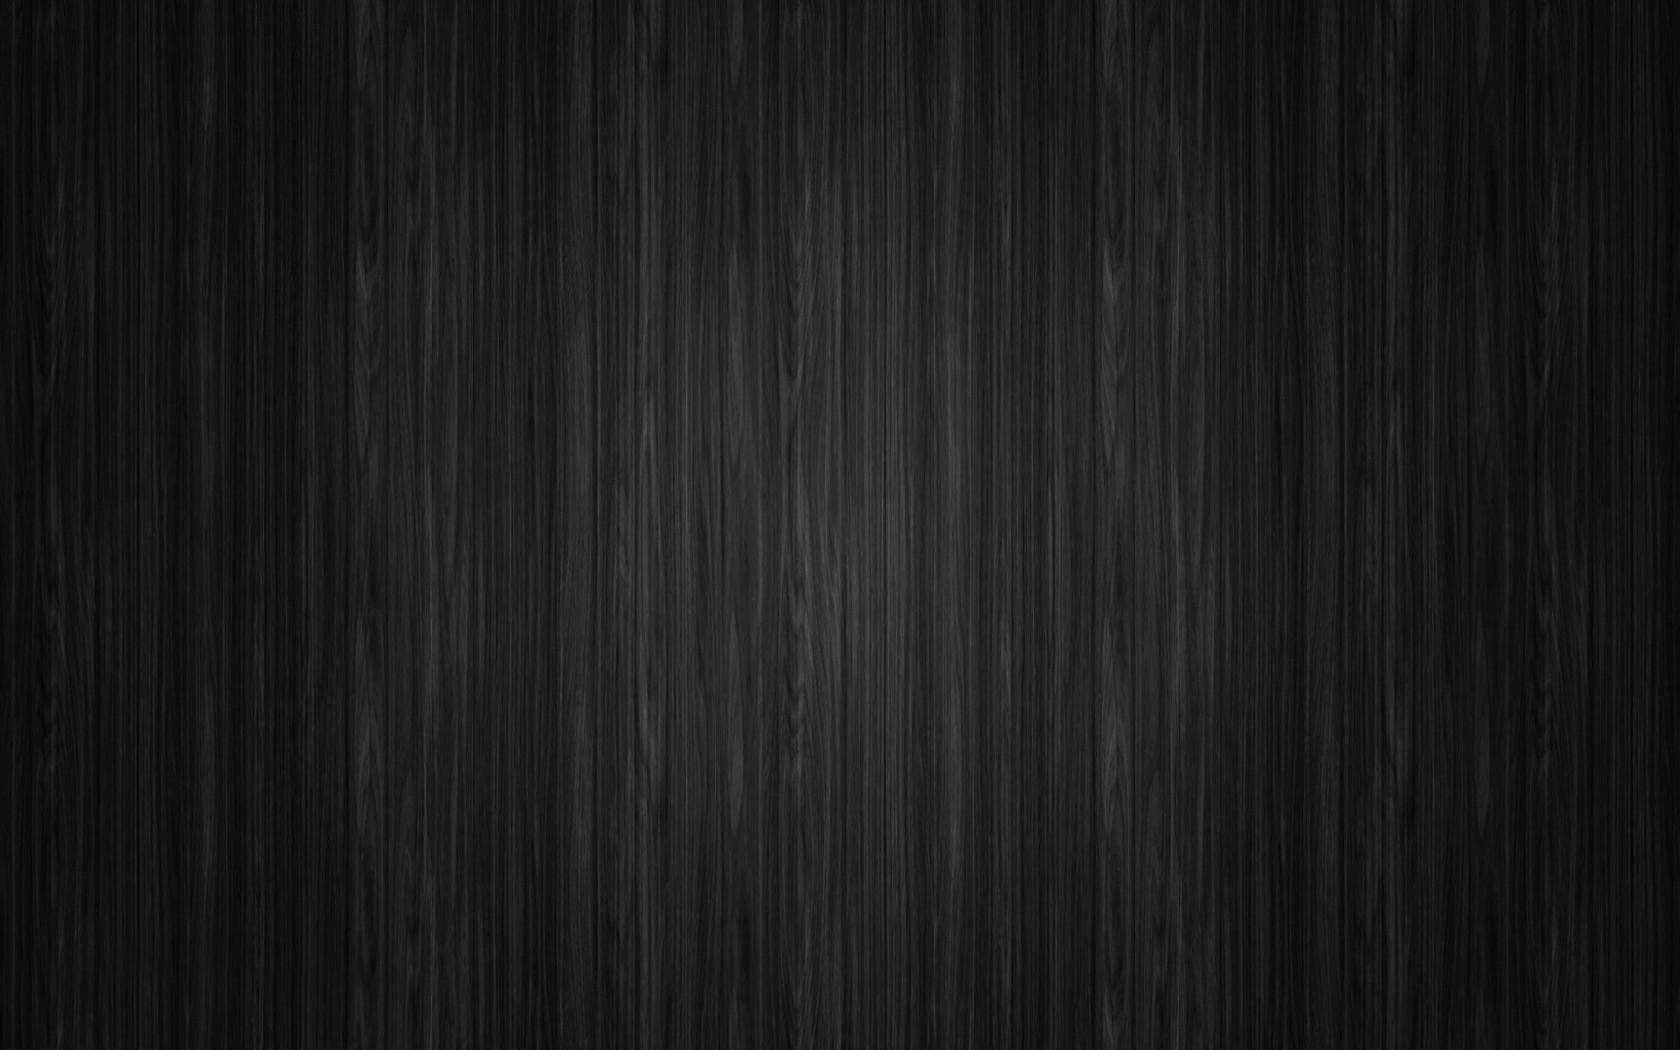 Black wood wallpaper 10727 1680x1050